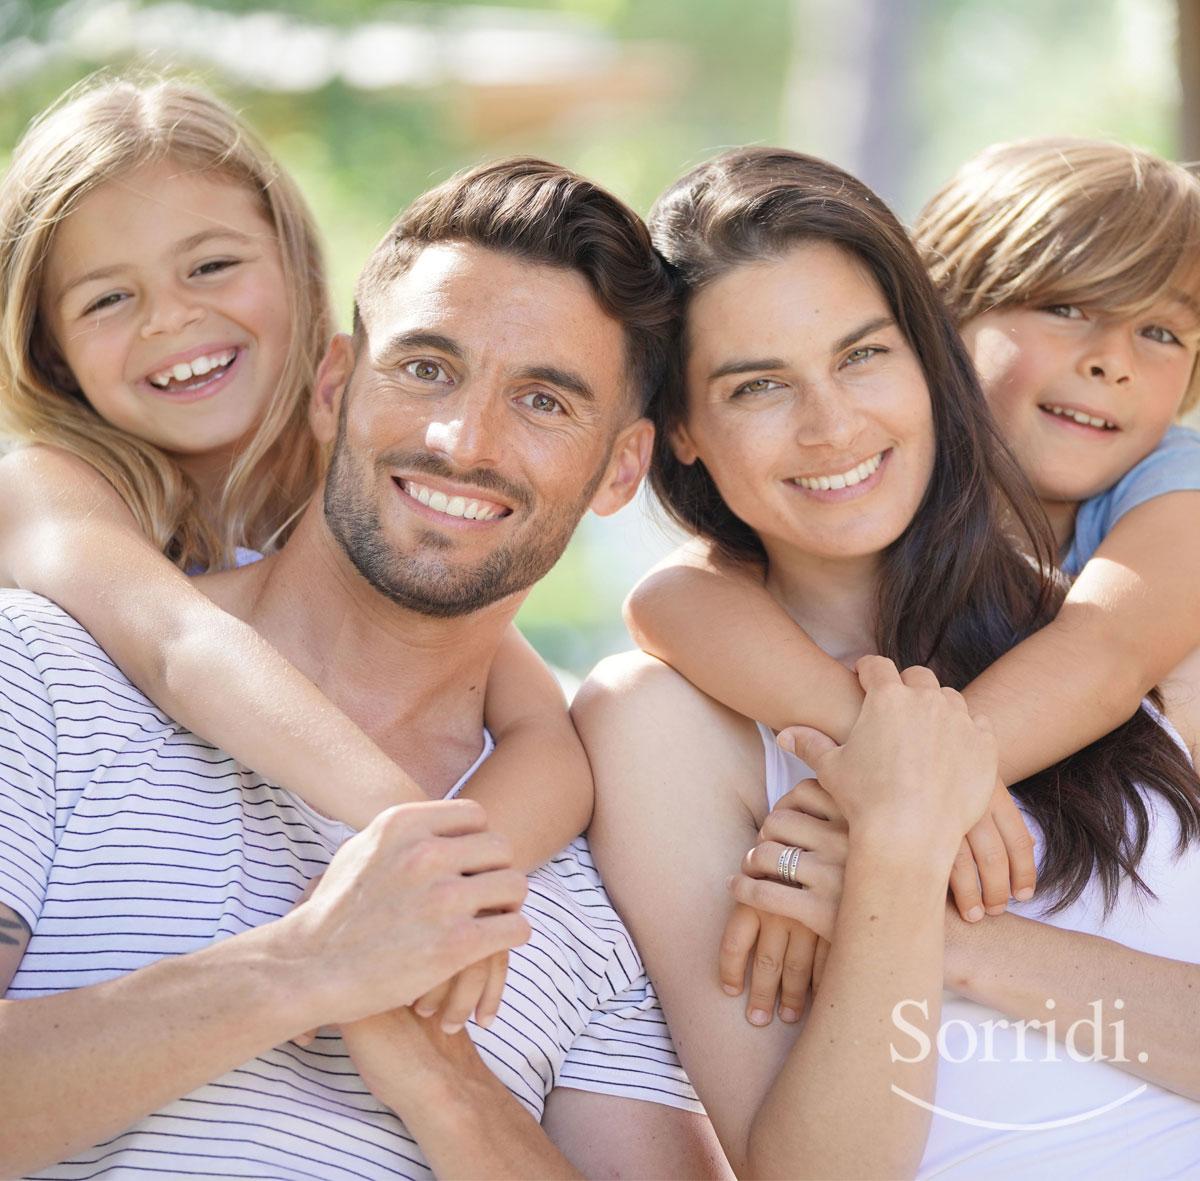 Sorridi-ch-magazine-superare-lo-stress-da-isolamento-e-da-fase-2-